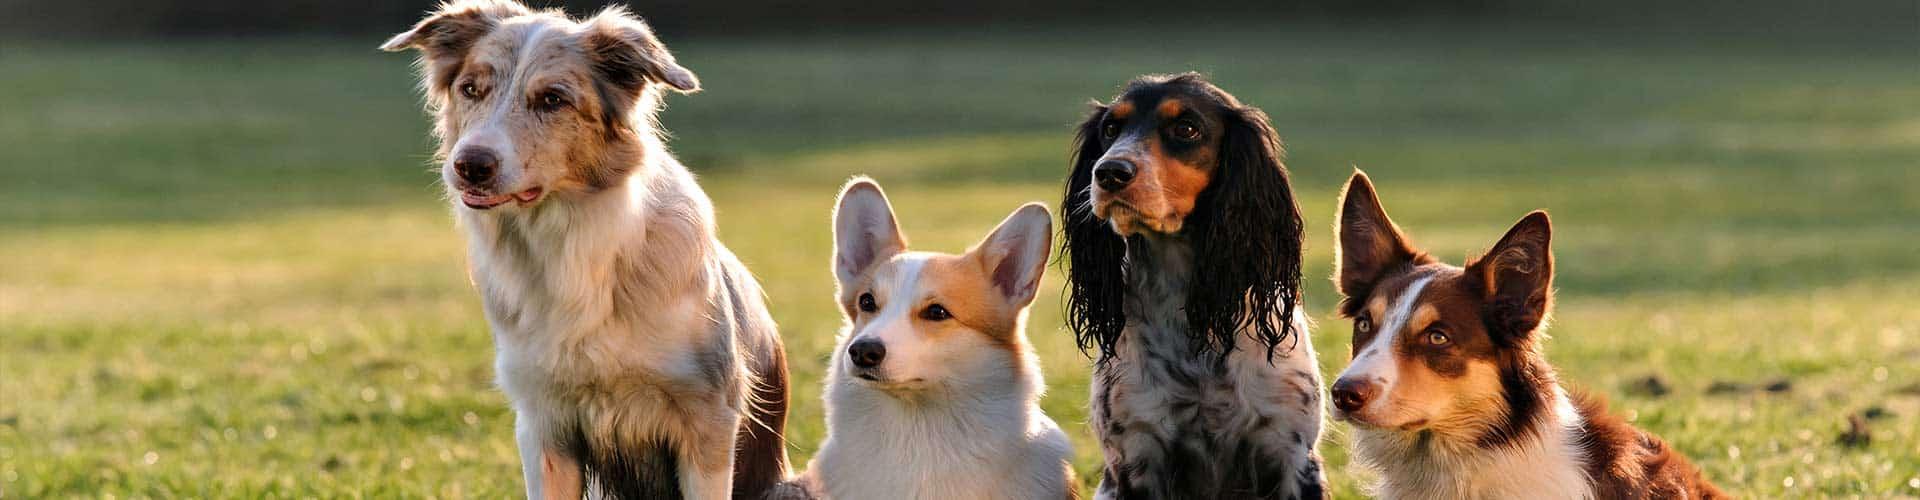 Dog Training Glen Ellyn, il